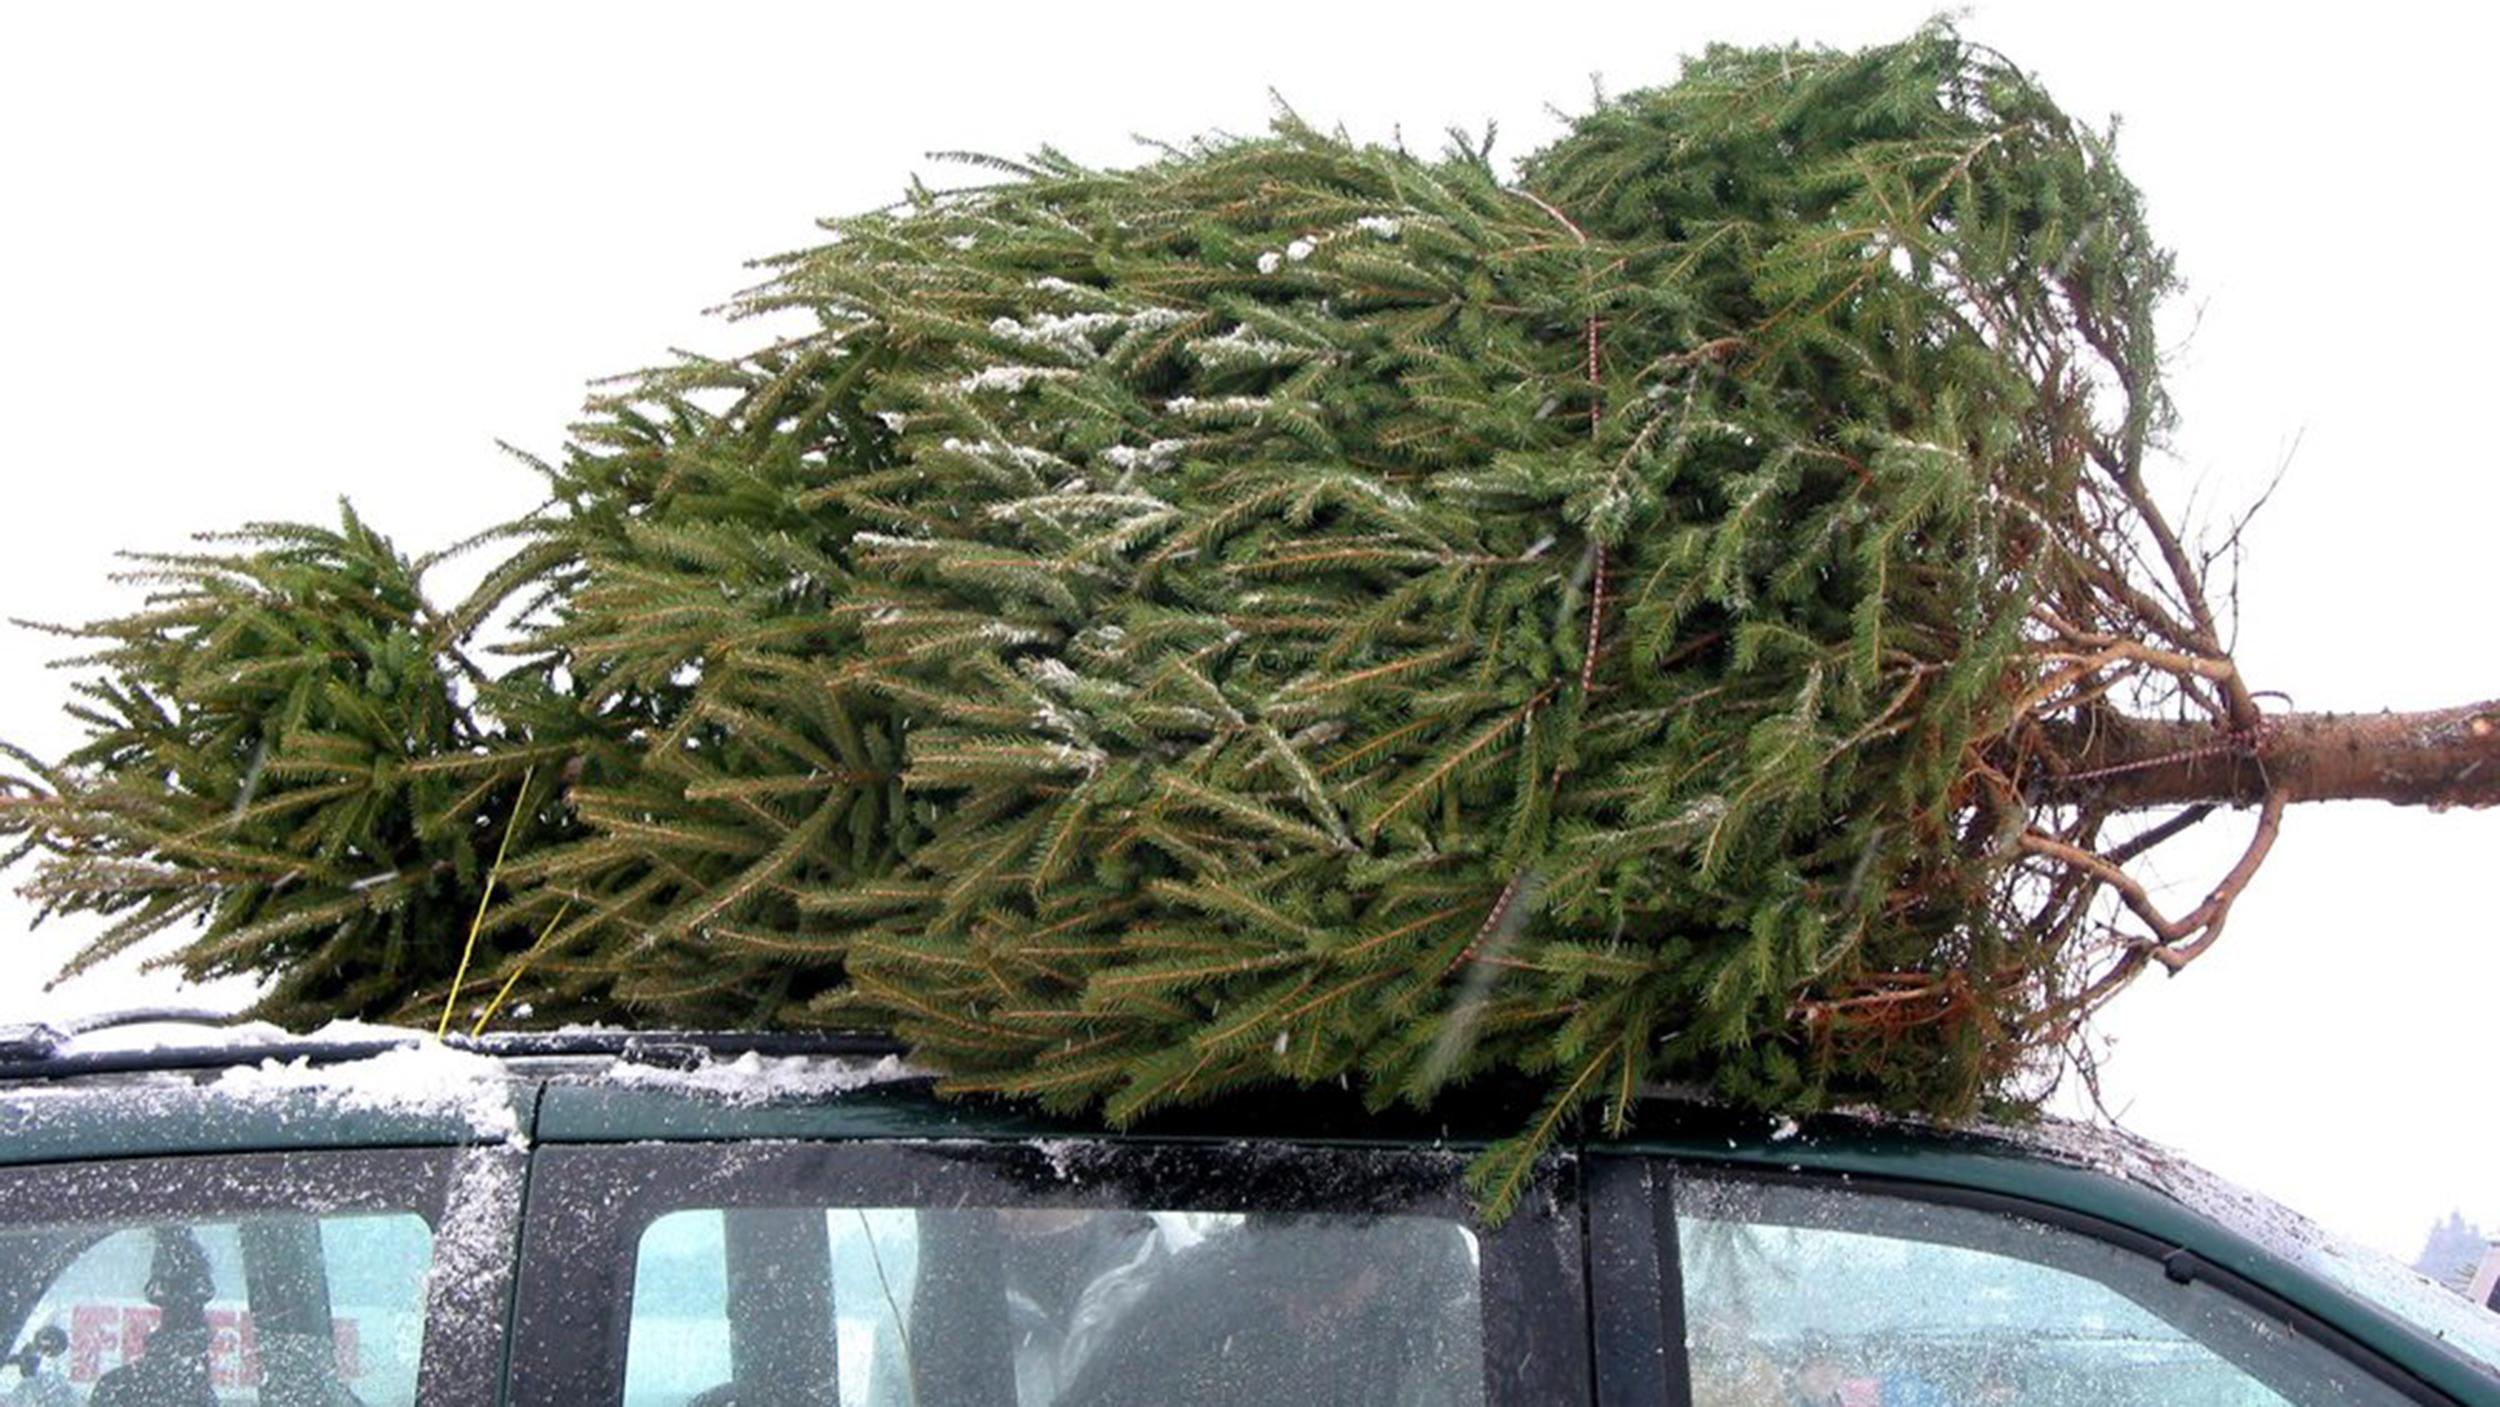 christmas-tree-today-160303-tease-01_efd01931b0ef0ed34b9e2b97df7ba3ad.jpg